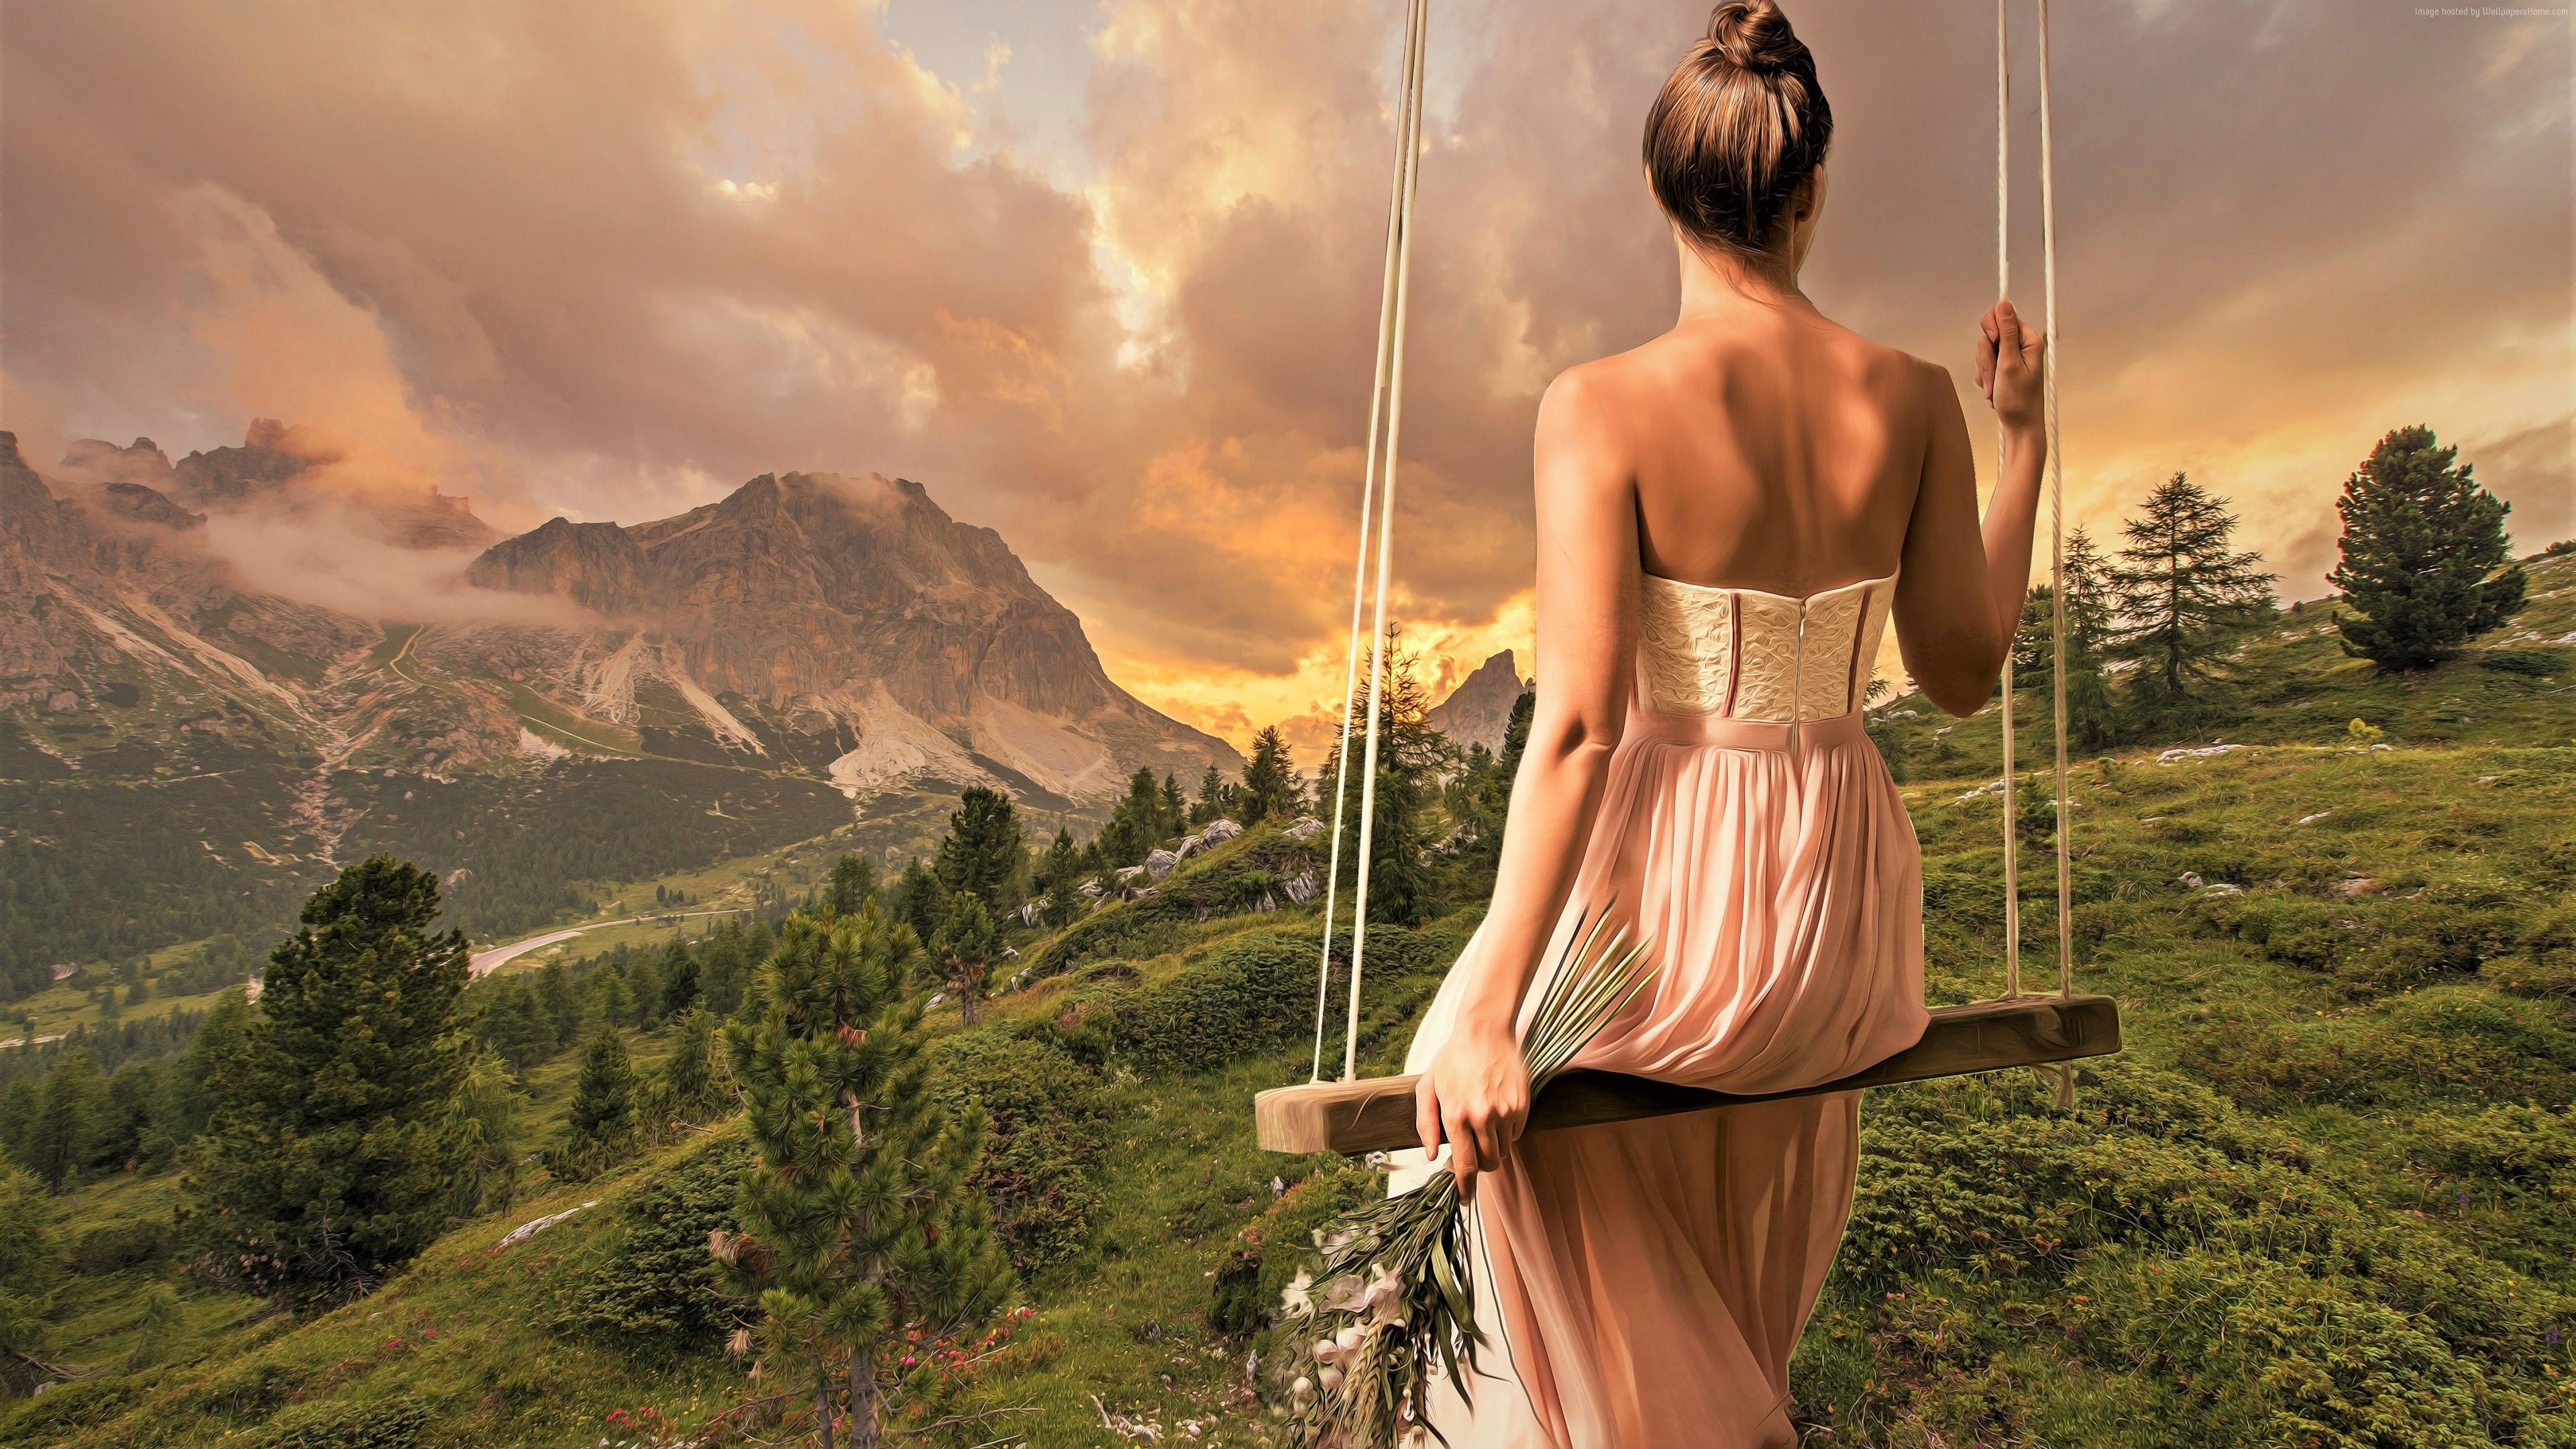 Wallpaper Girl Dress Beautiful 4k Girls Wallpaper Download High Resolution 4k Wallpaper